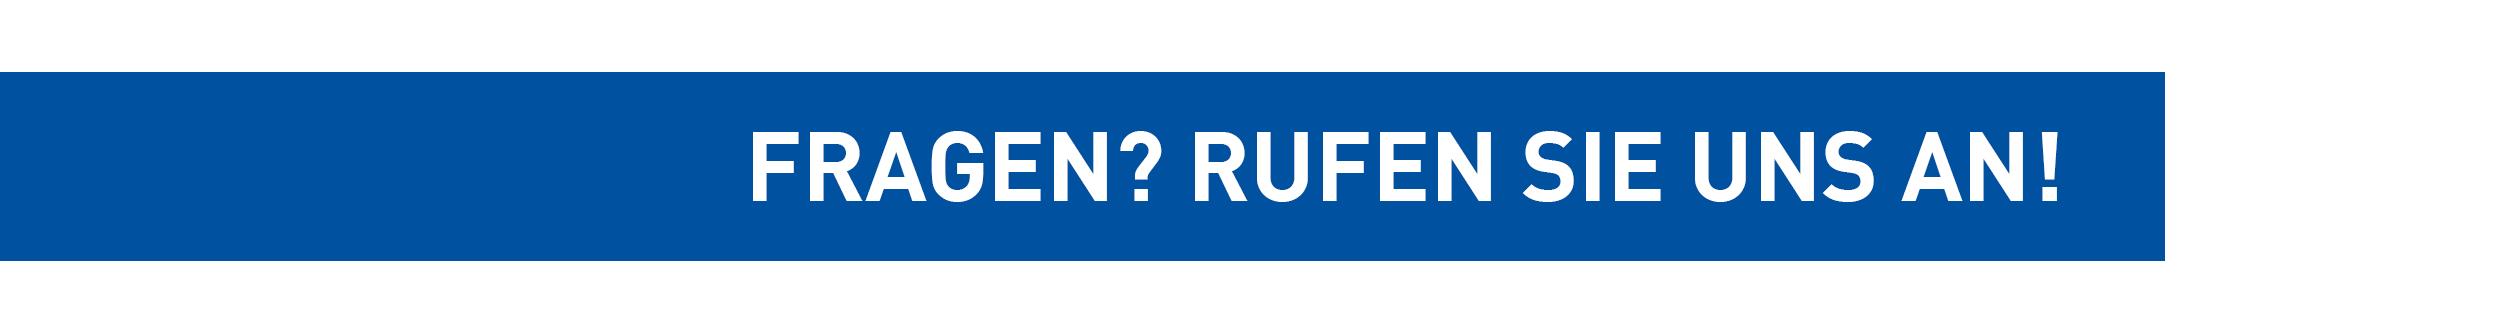 _FragenRufenSieAn